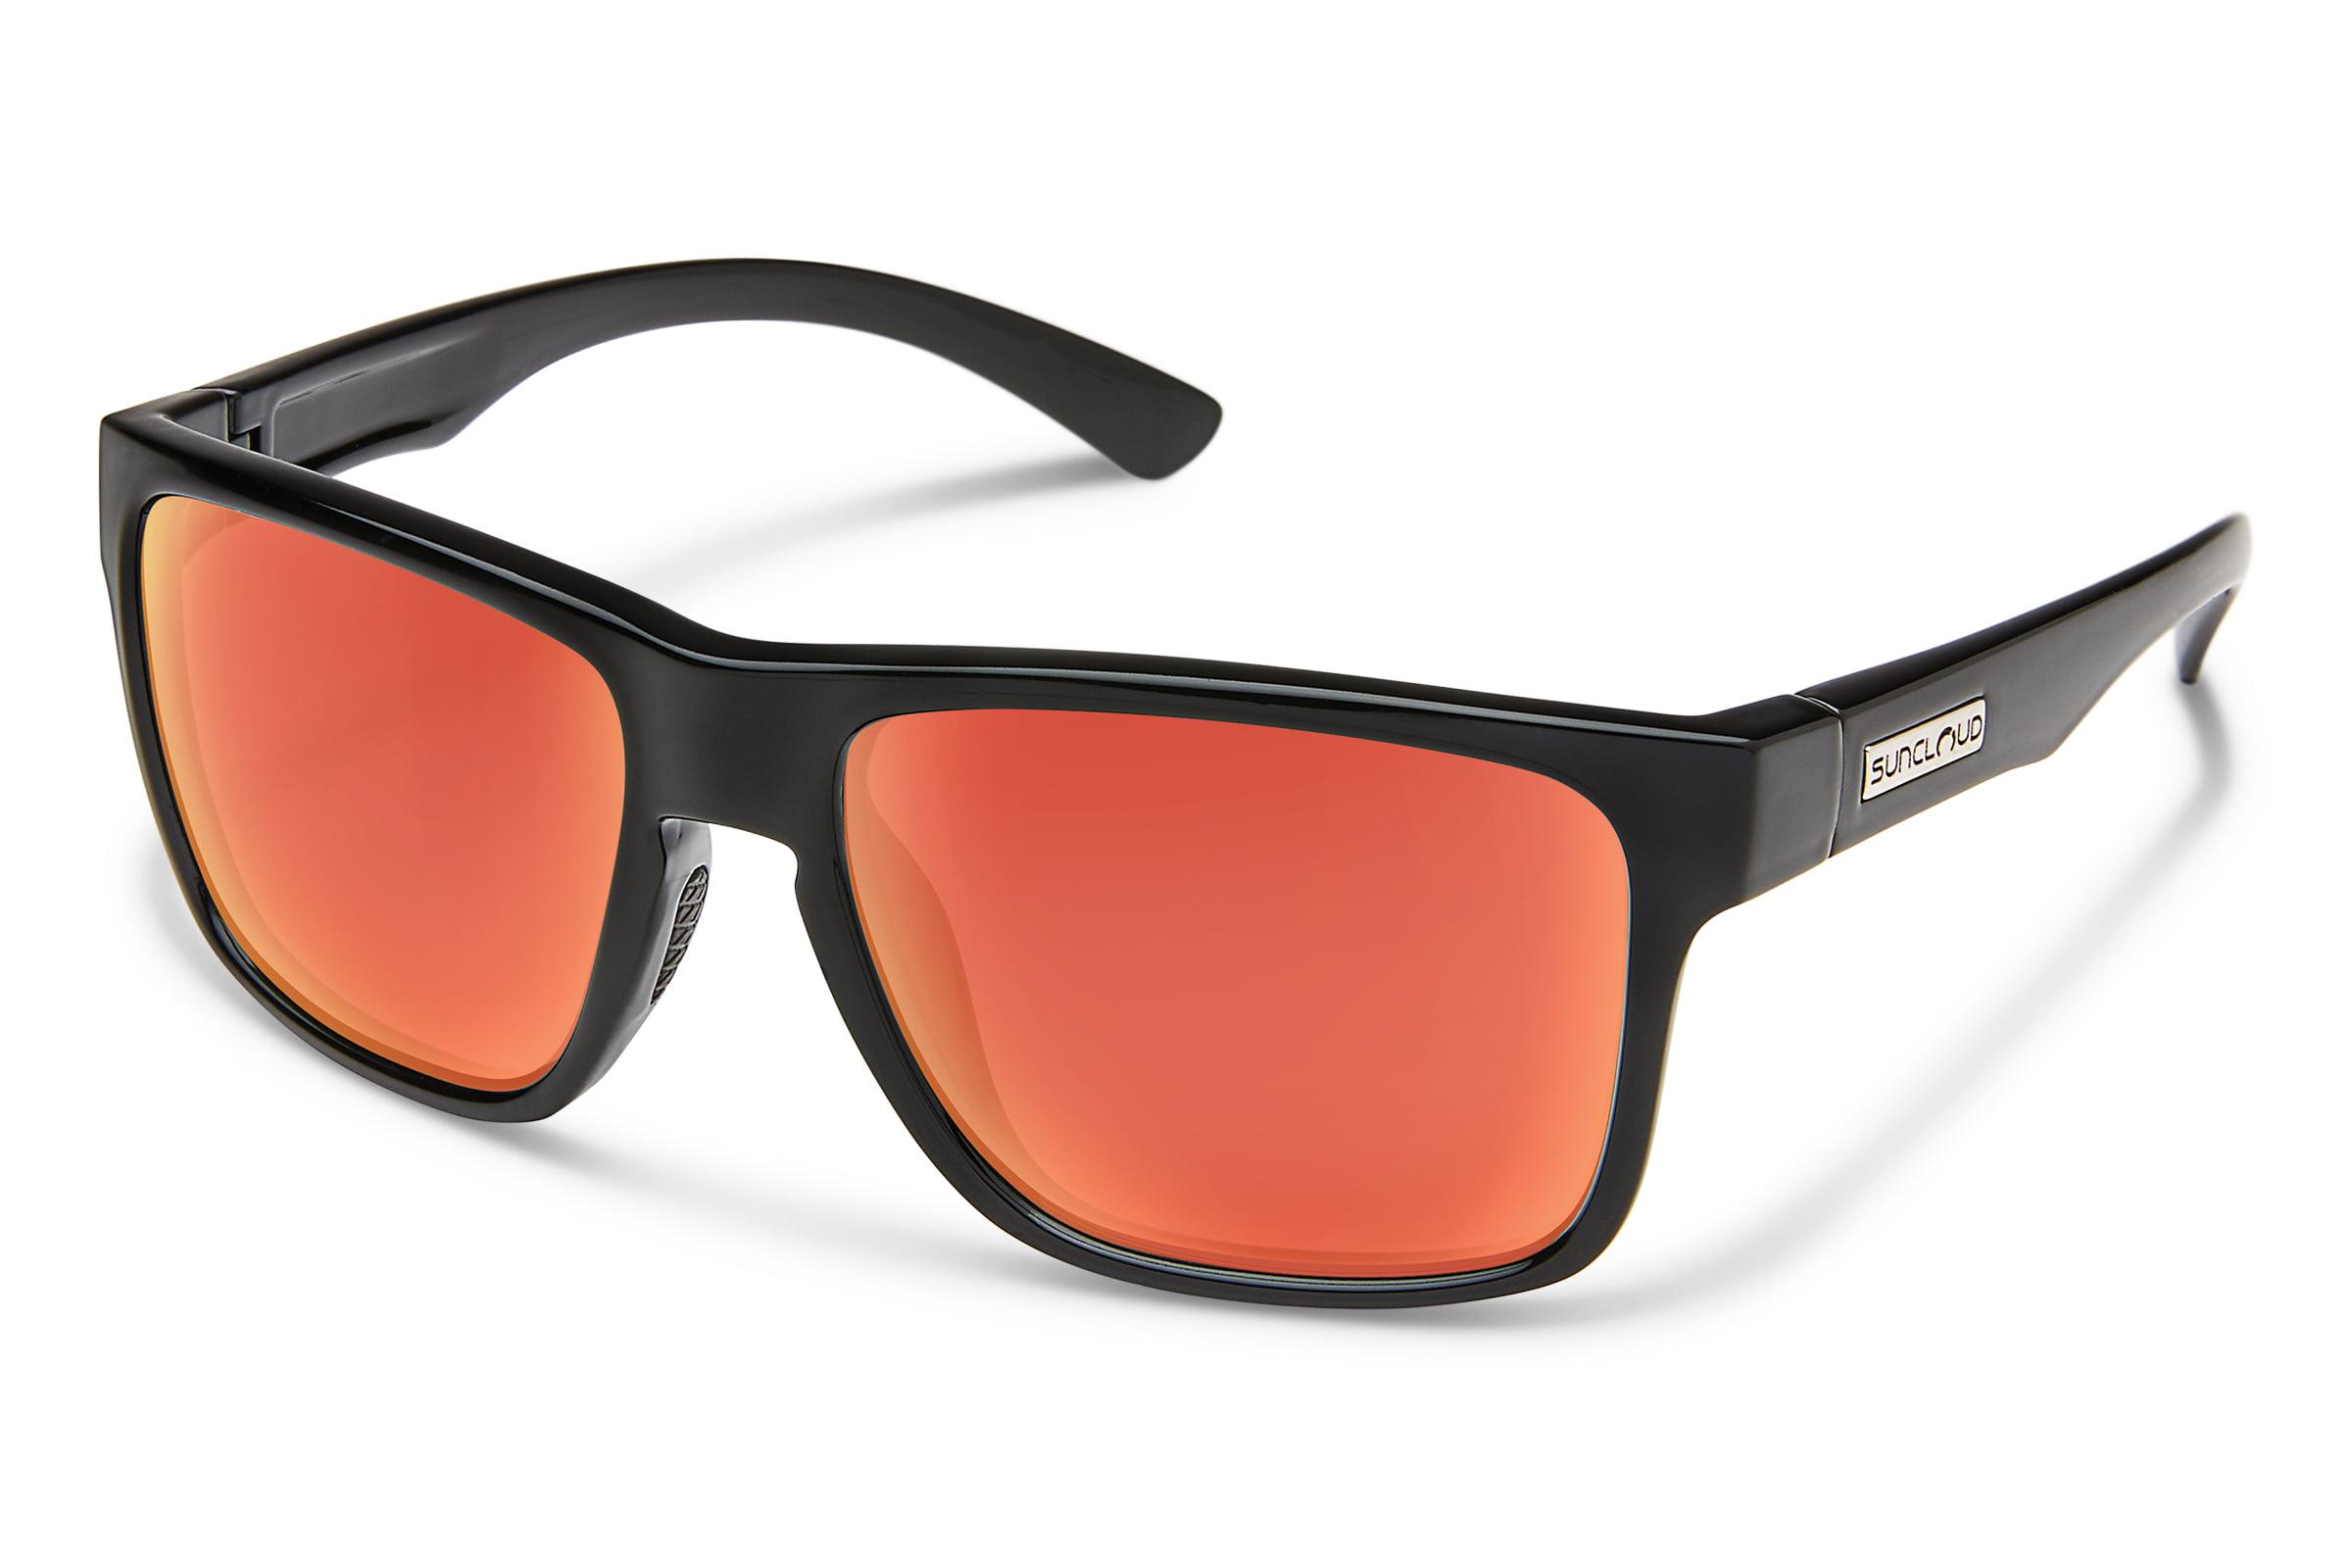 27d56dbb13 Suncloud - Suncloud Rambler Sunglasses - Walmart.com